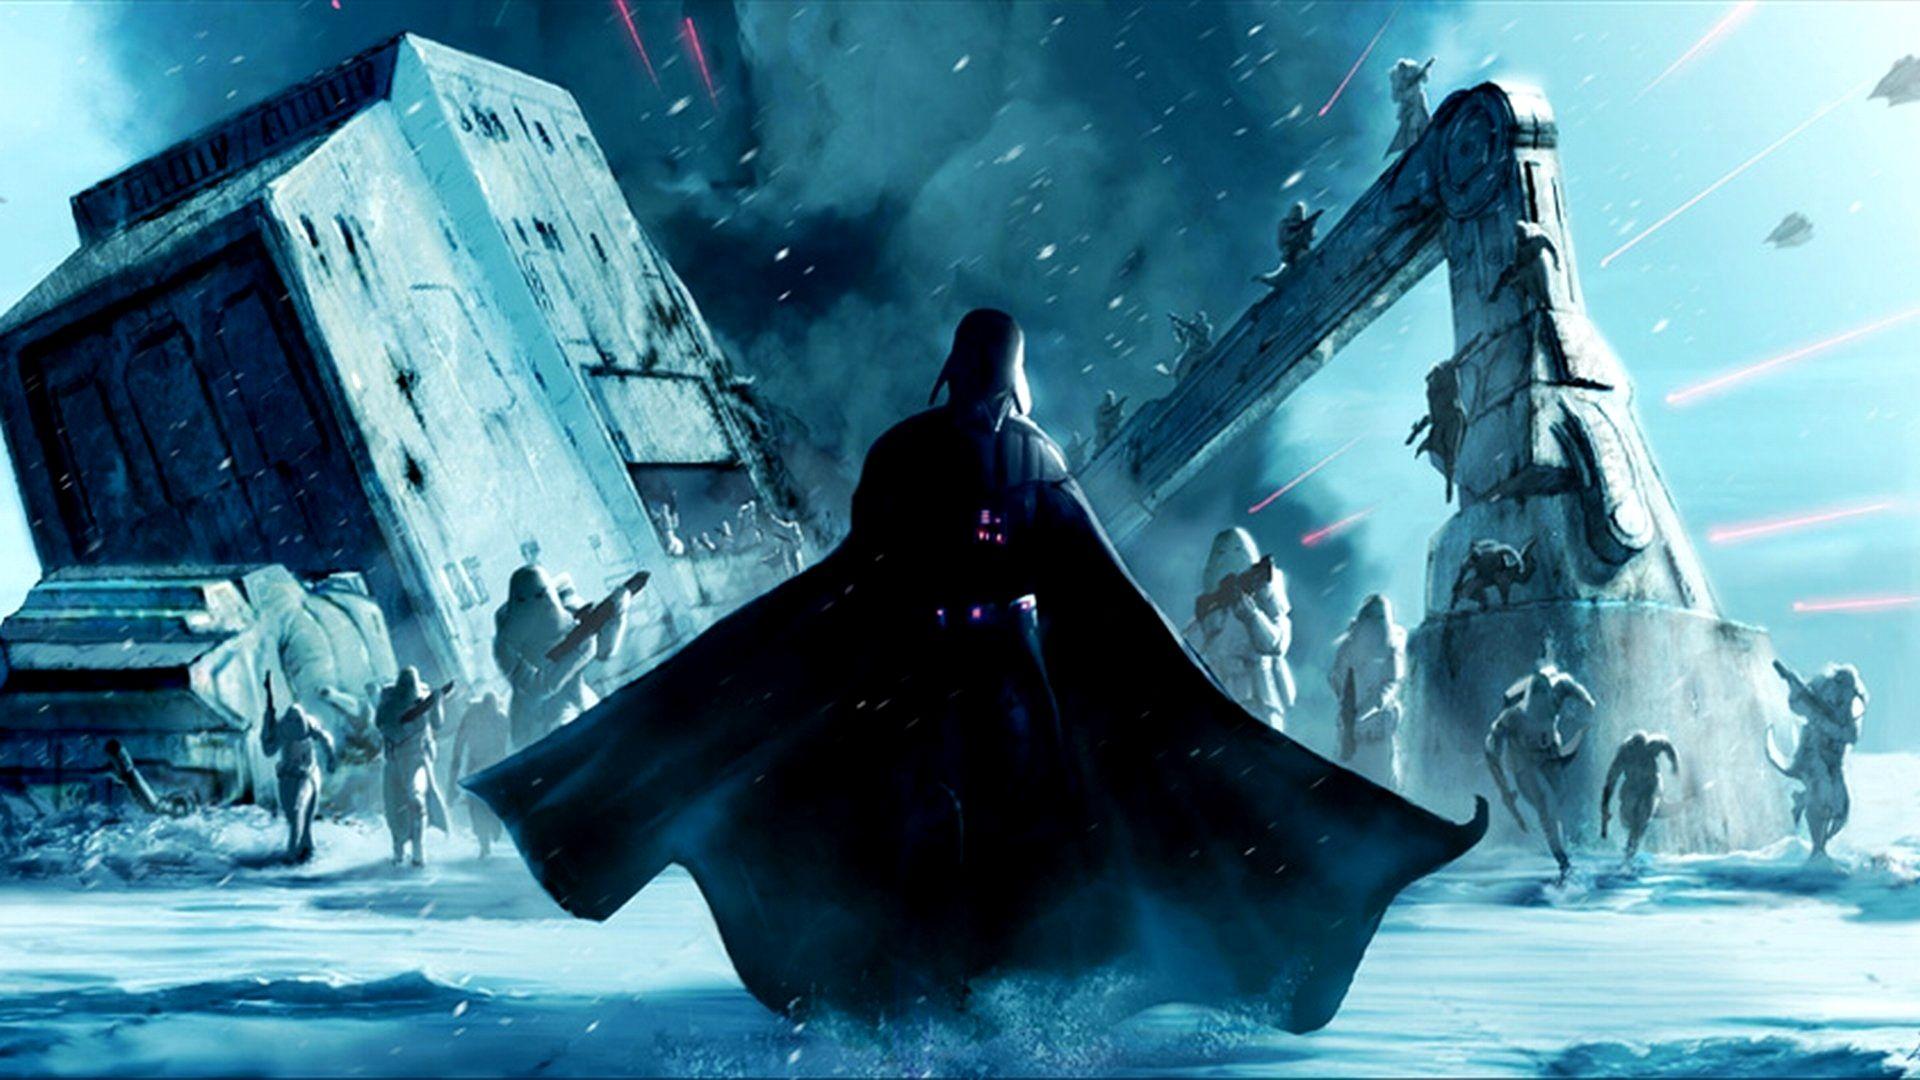 Darth Vader 4k Wallpaper Pc Gallery Star Wars Wallpaper Darth Vader 4k Wallpaper Star Wars